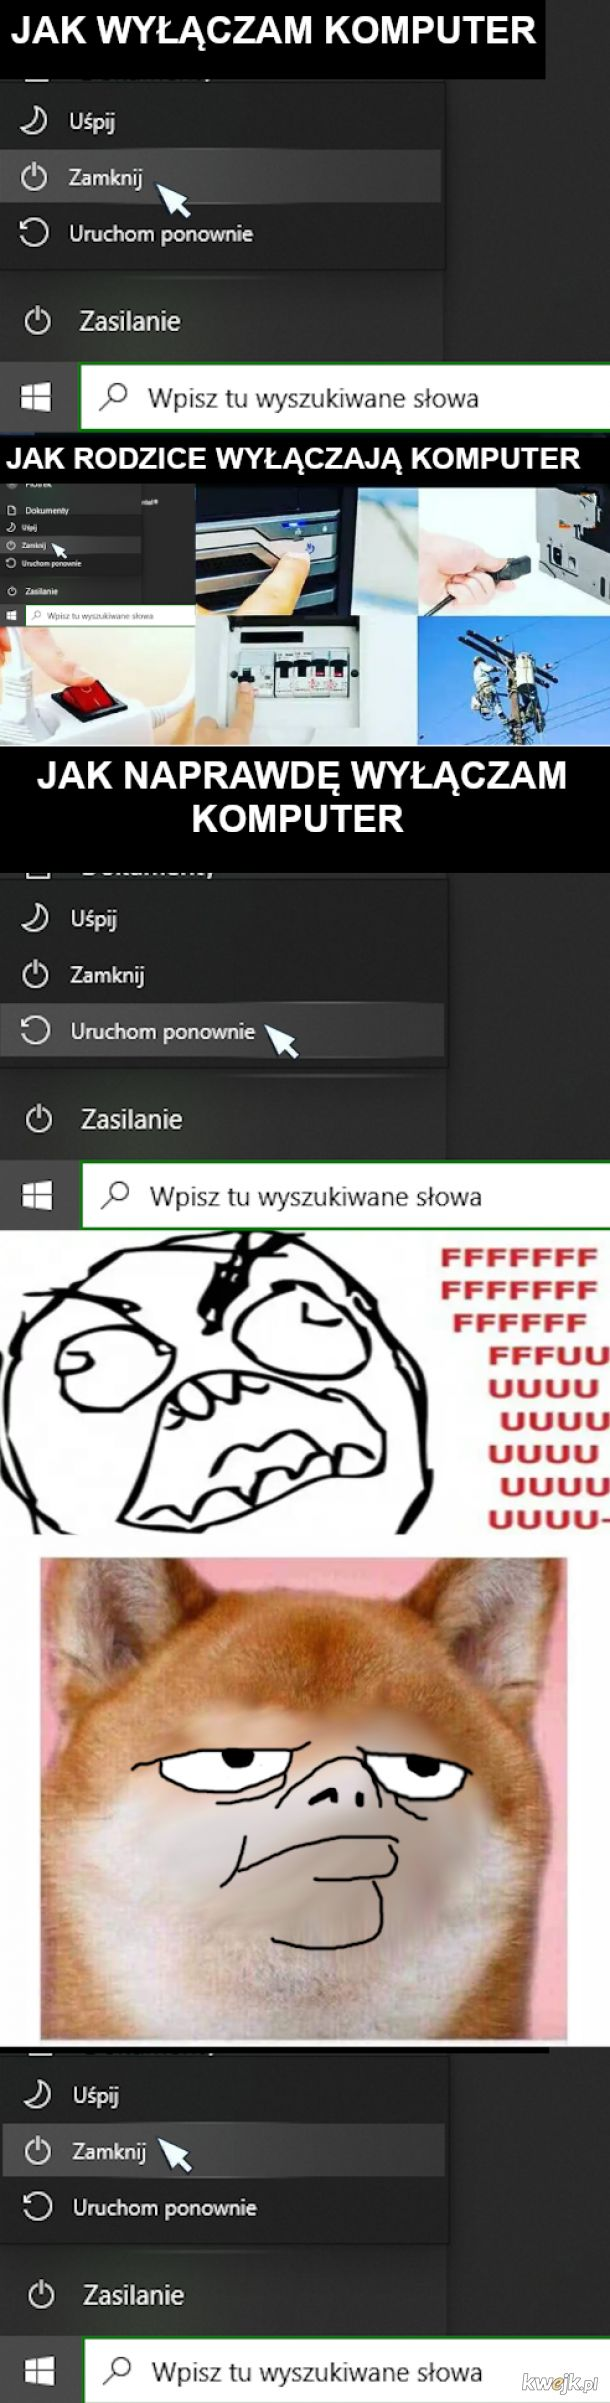 Wyłączanie komputera